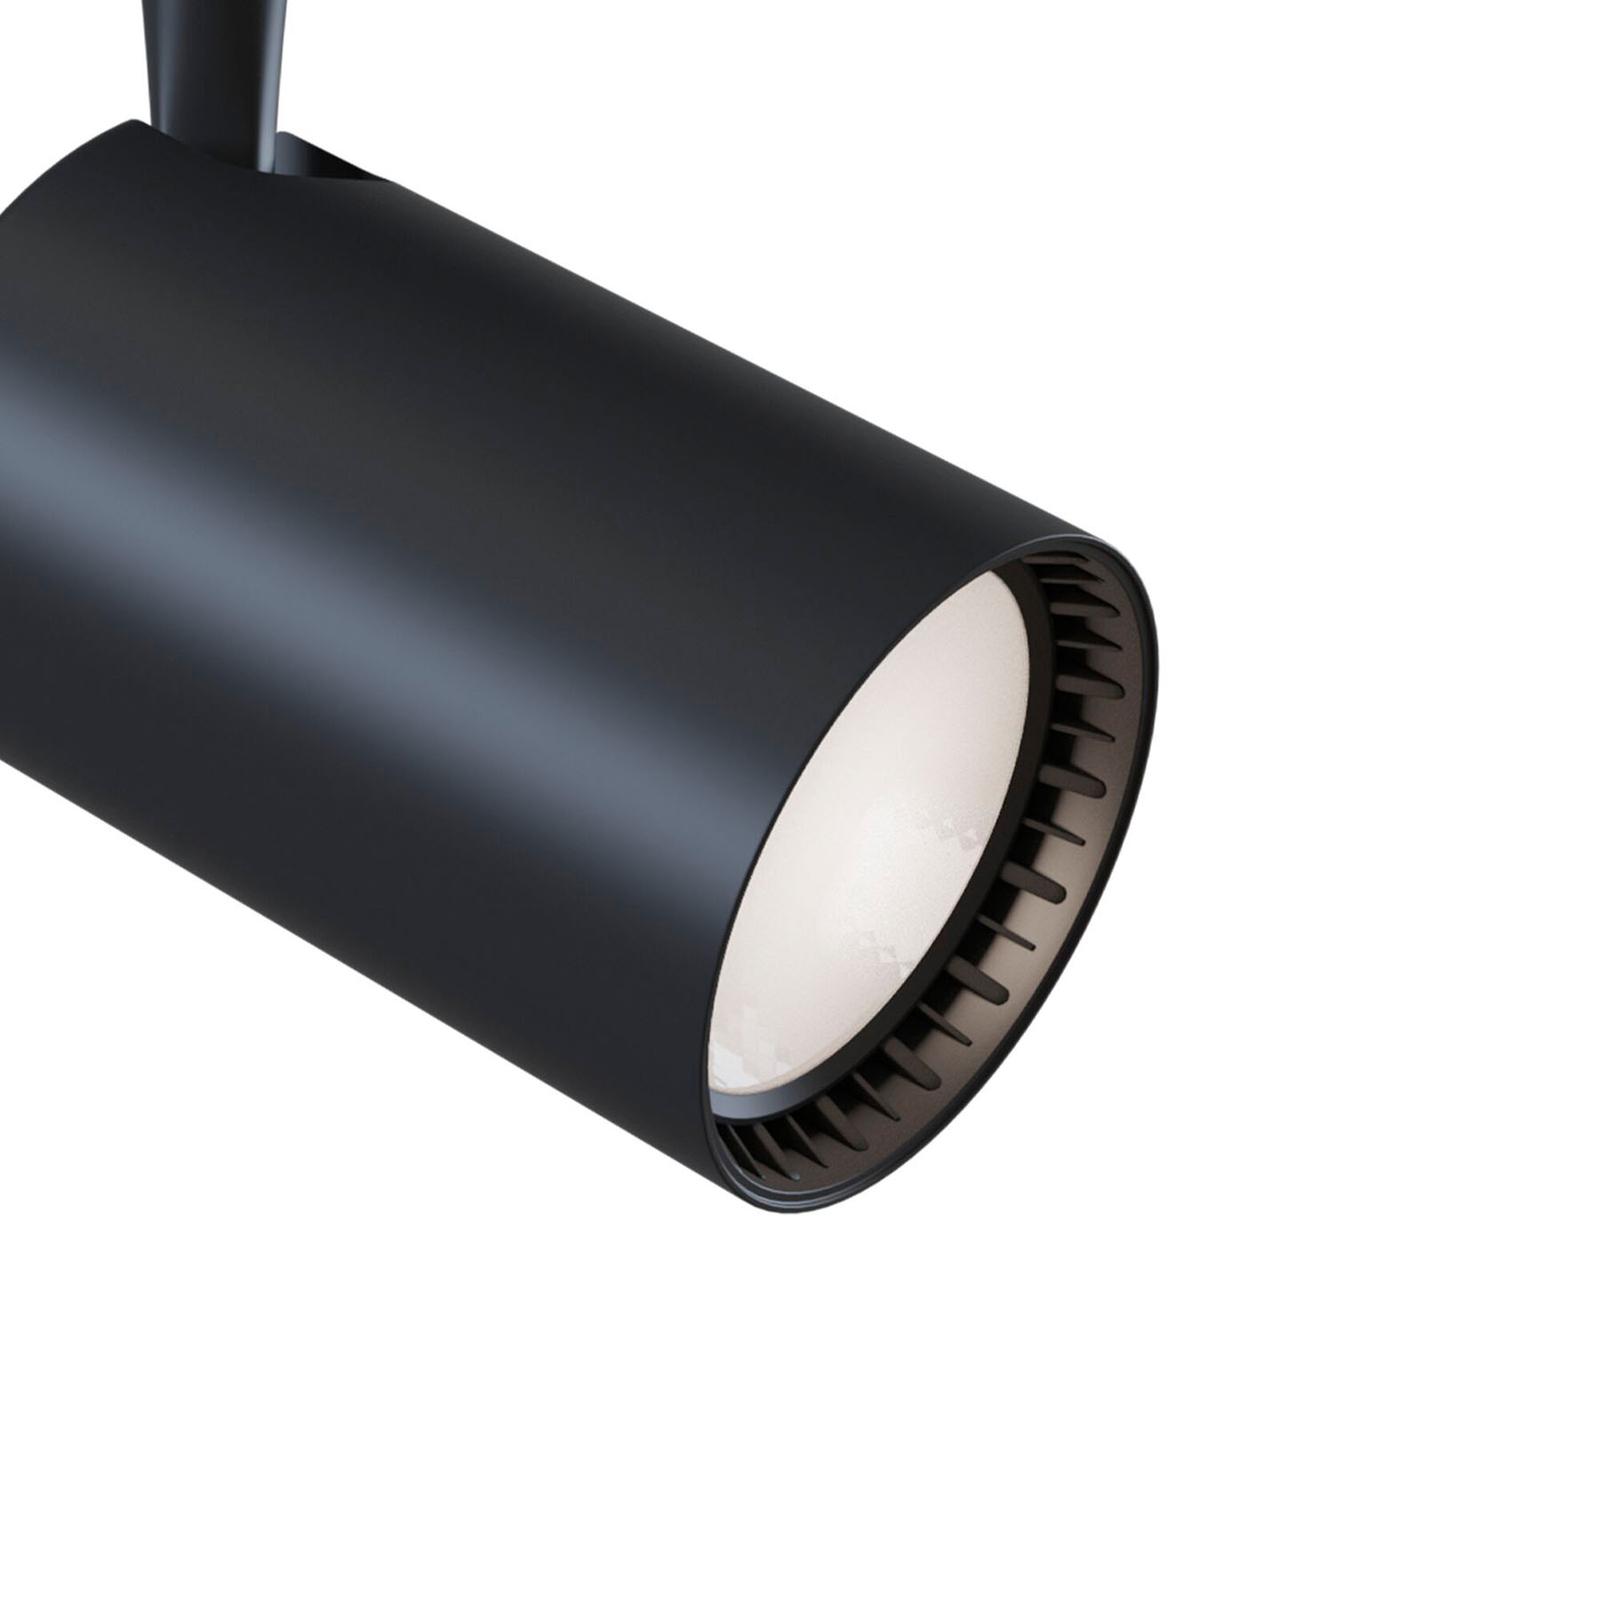 Track-kiskospotti LED 4000K musta 1200lm17W